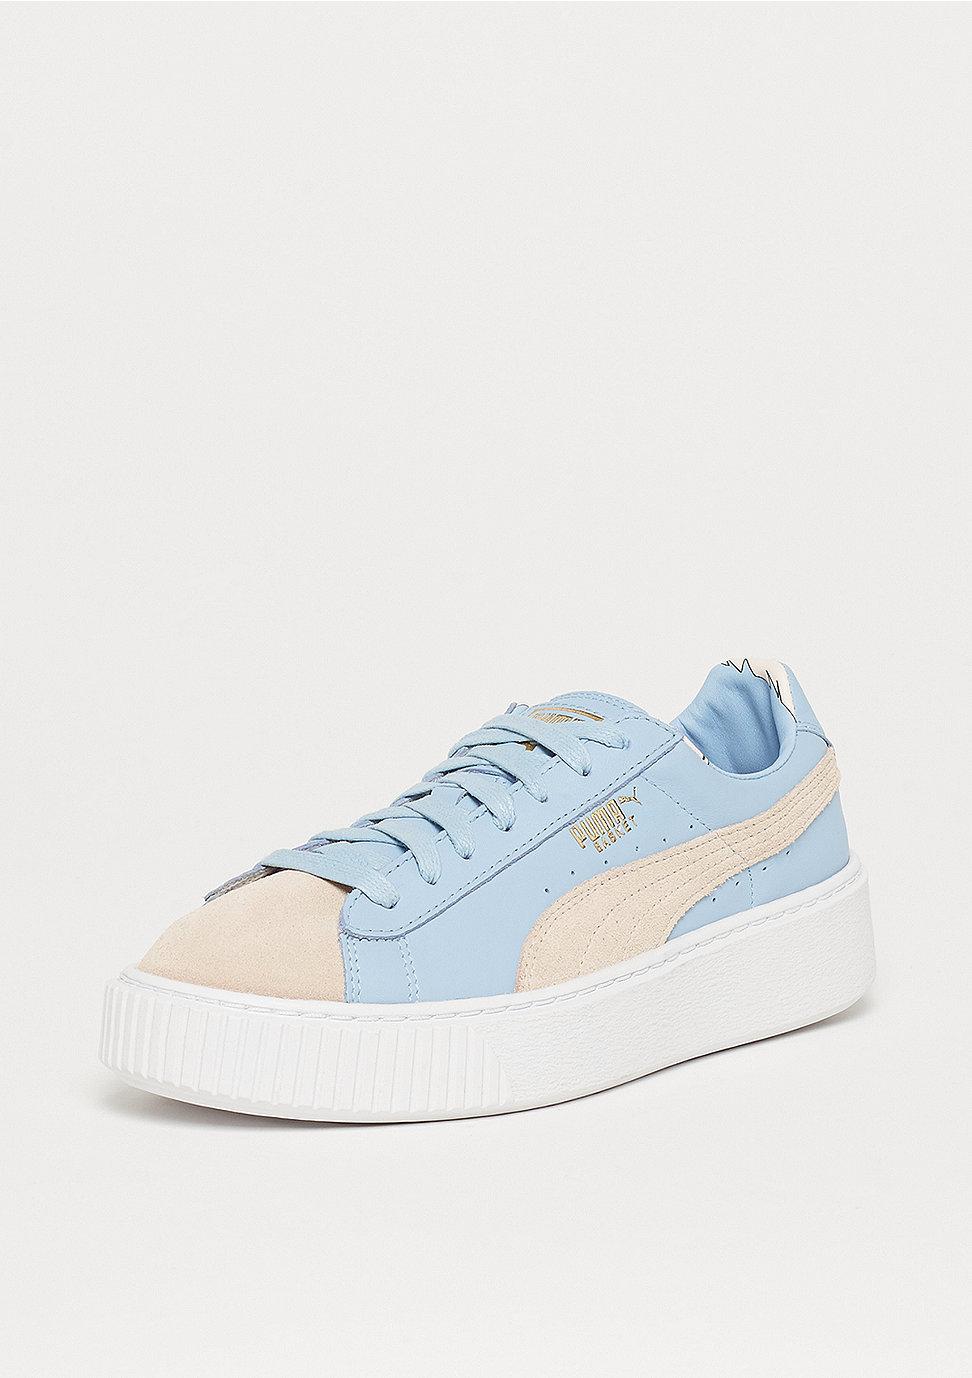 klassische Schuhe besserer Preis elegant im Stil Basket Platform Coach silver peony-cashmere blue